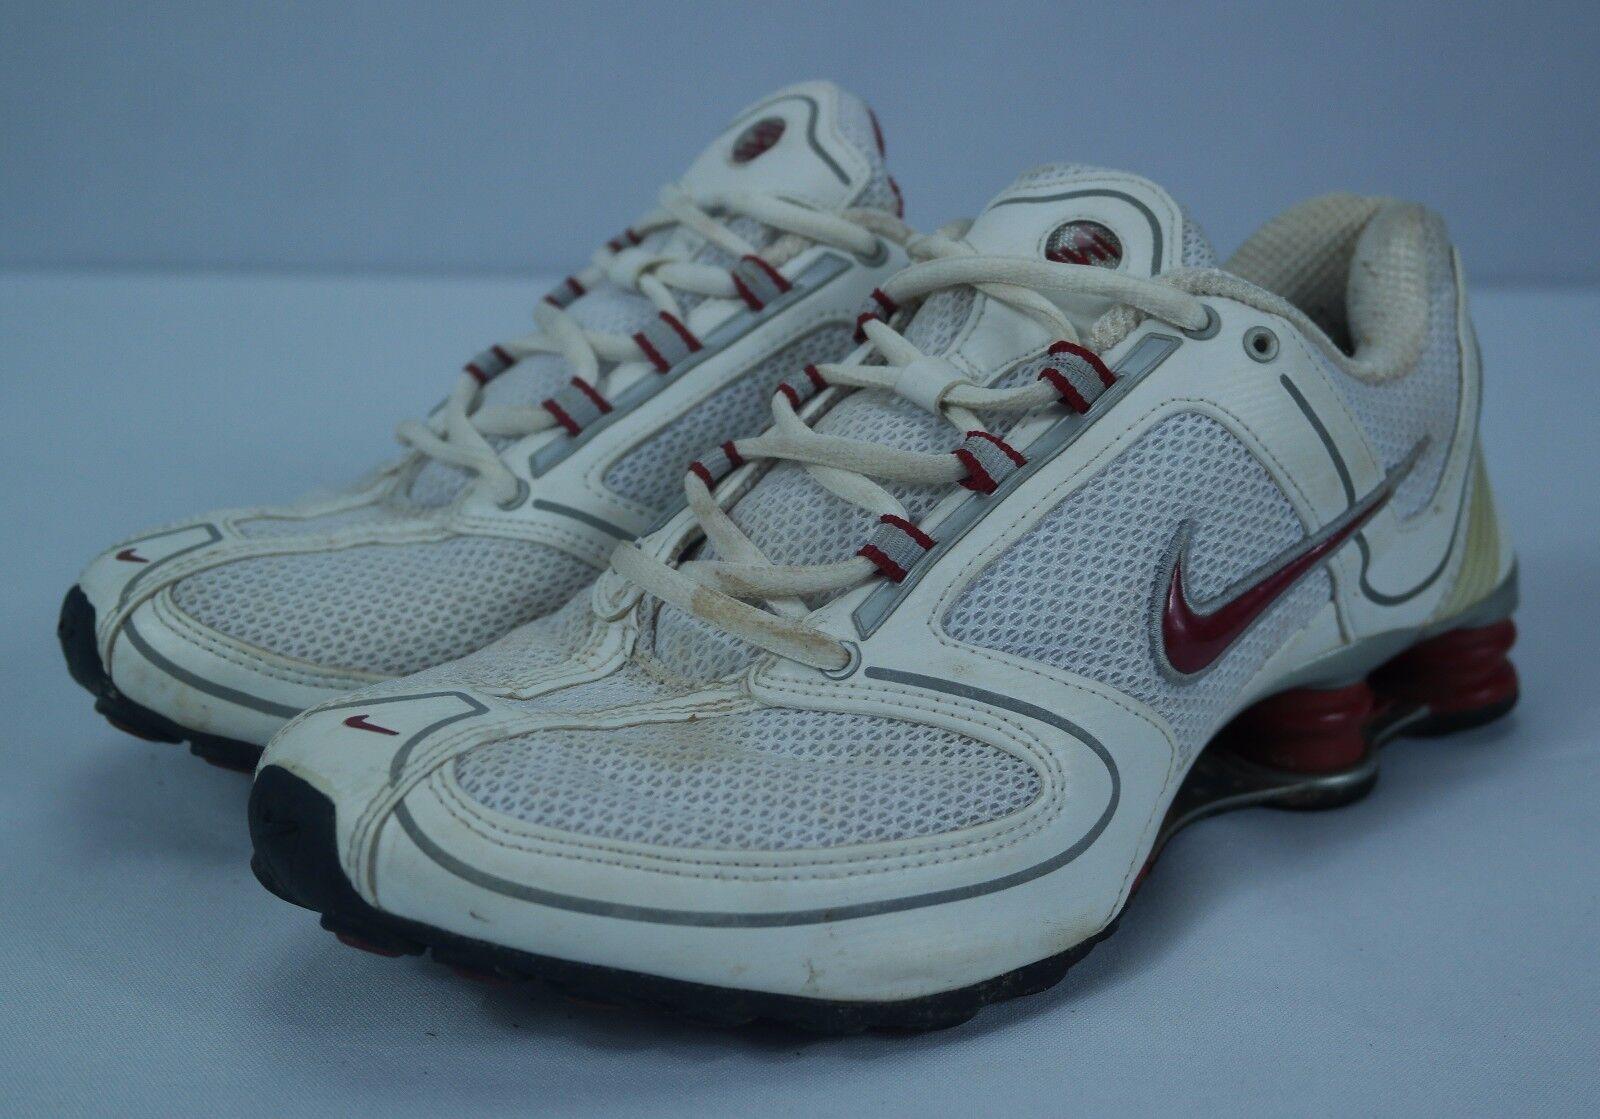 Women's White/Red/Grey Nike White/Red/Grey Women's Shox RNG Running Sneaker Shoes () - Sz 10 e7a11b